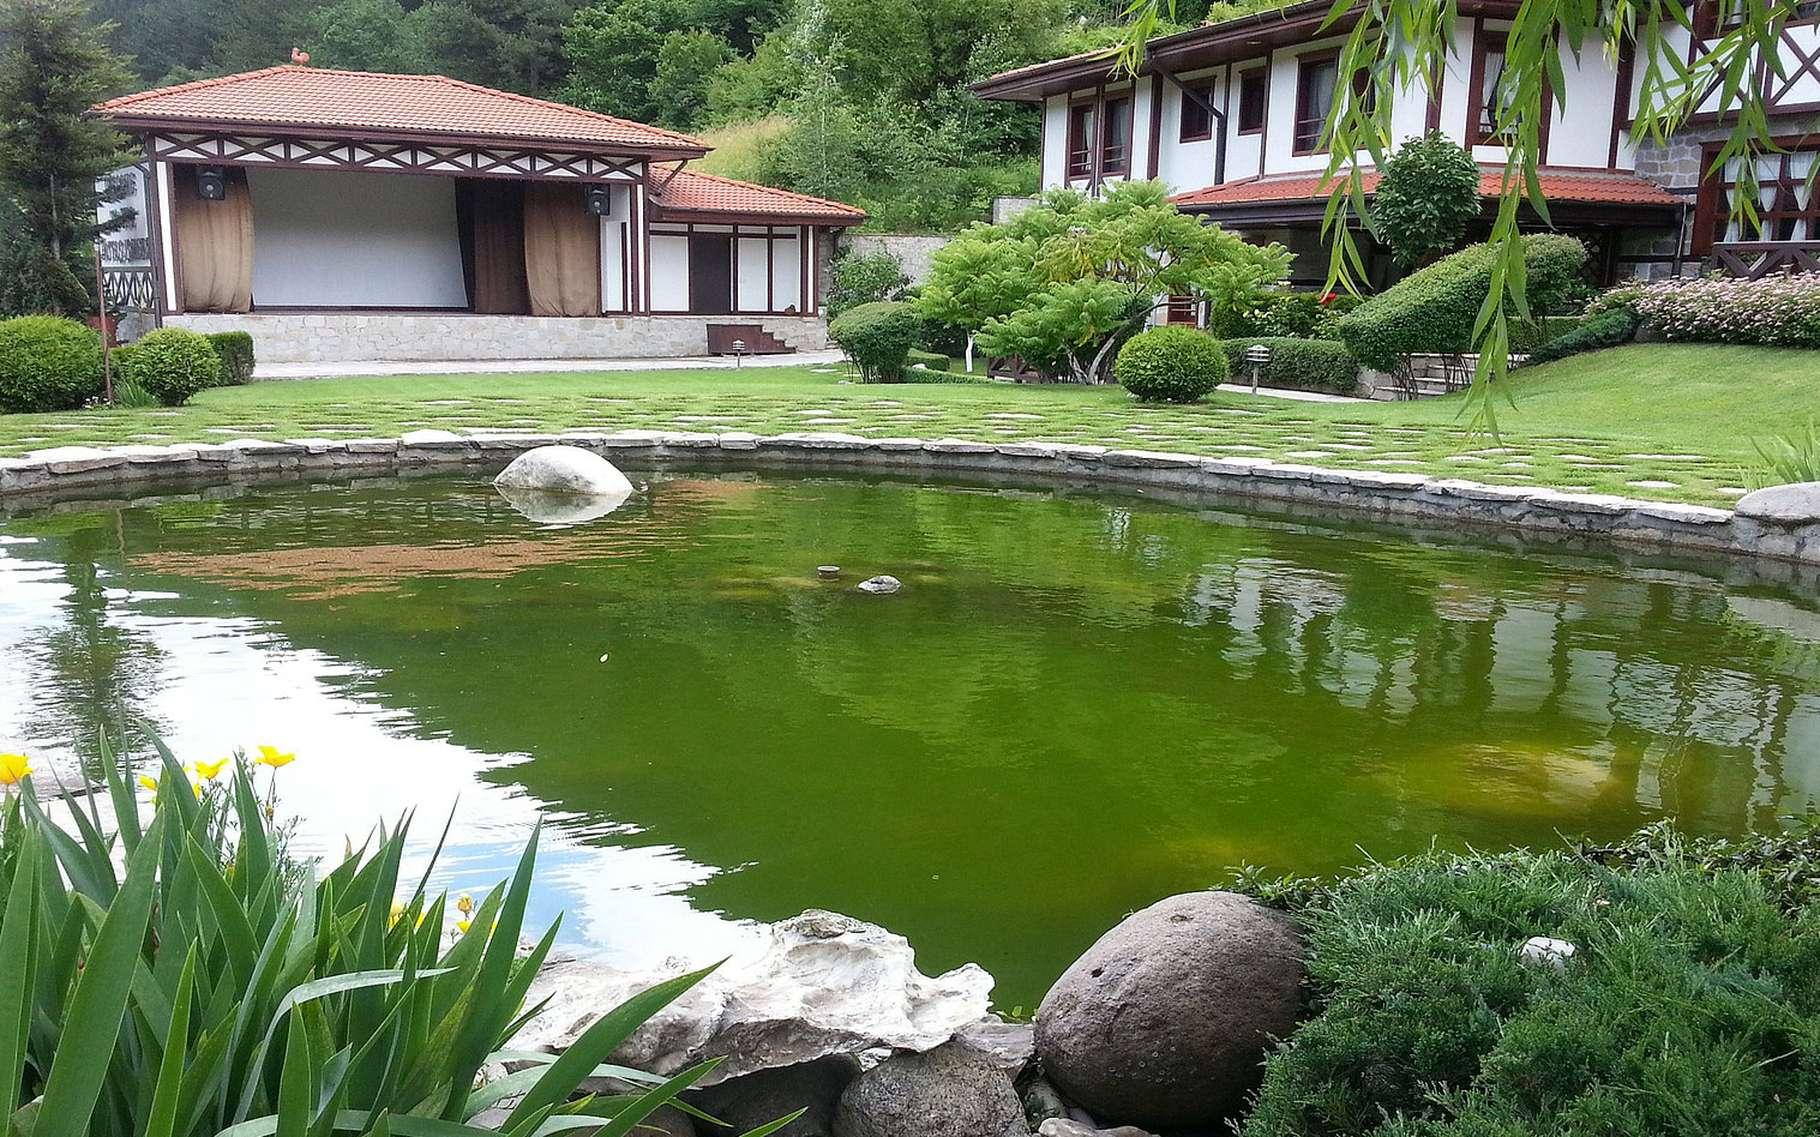 Bassin De Baignade Autoconstruction bassin de baignade et zone végétalisée : quelles proportions